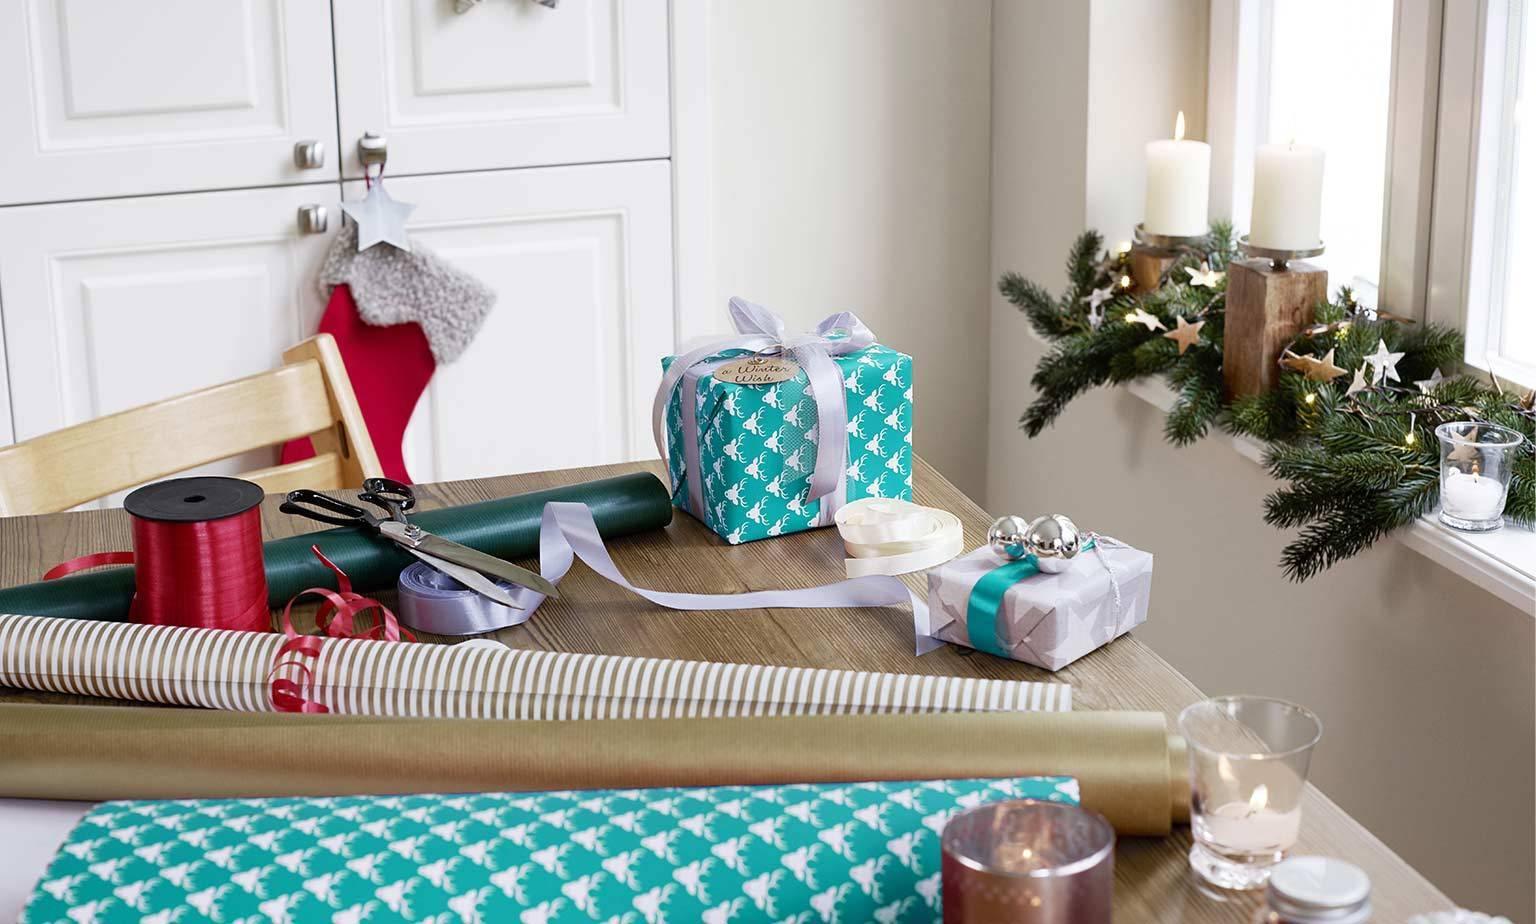 Geschenkpapier u.v.m. inkl. Inlandsversand - Jetzt shoppen